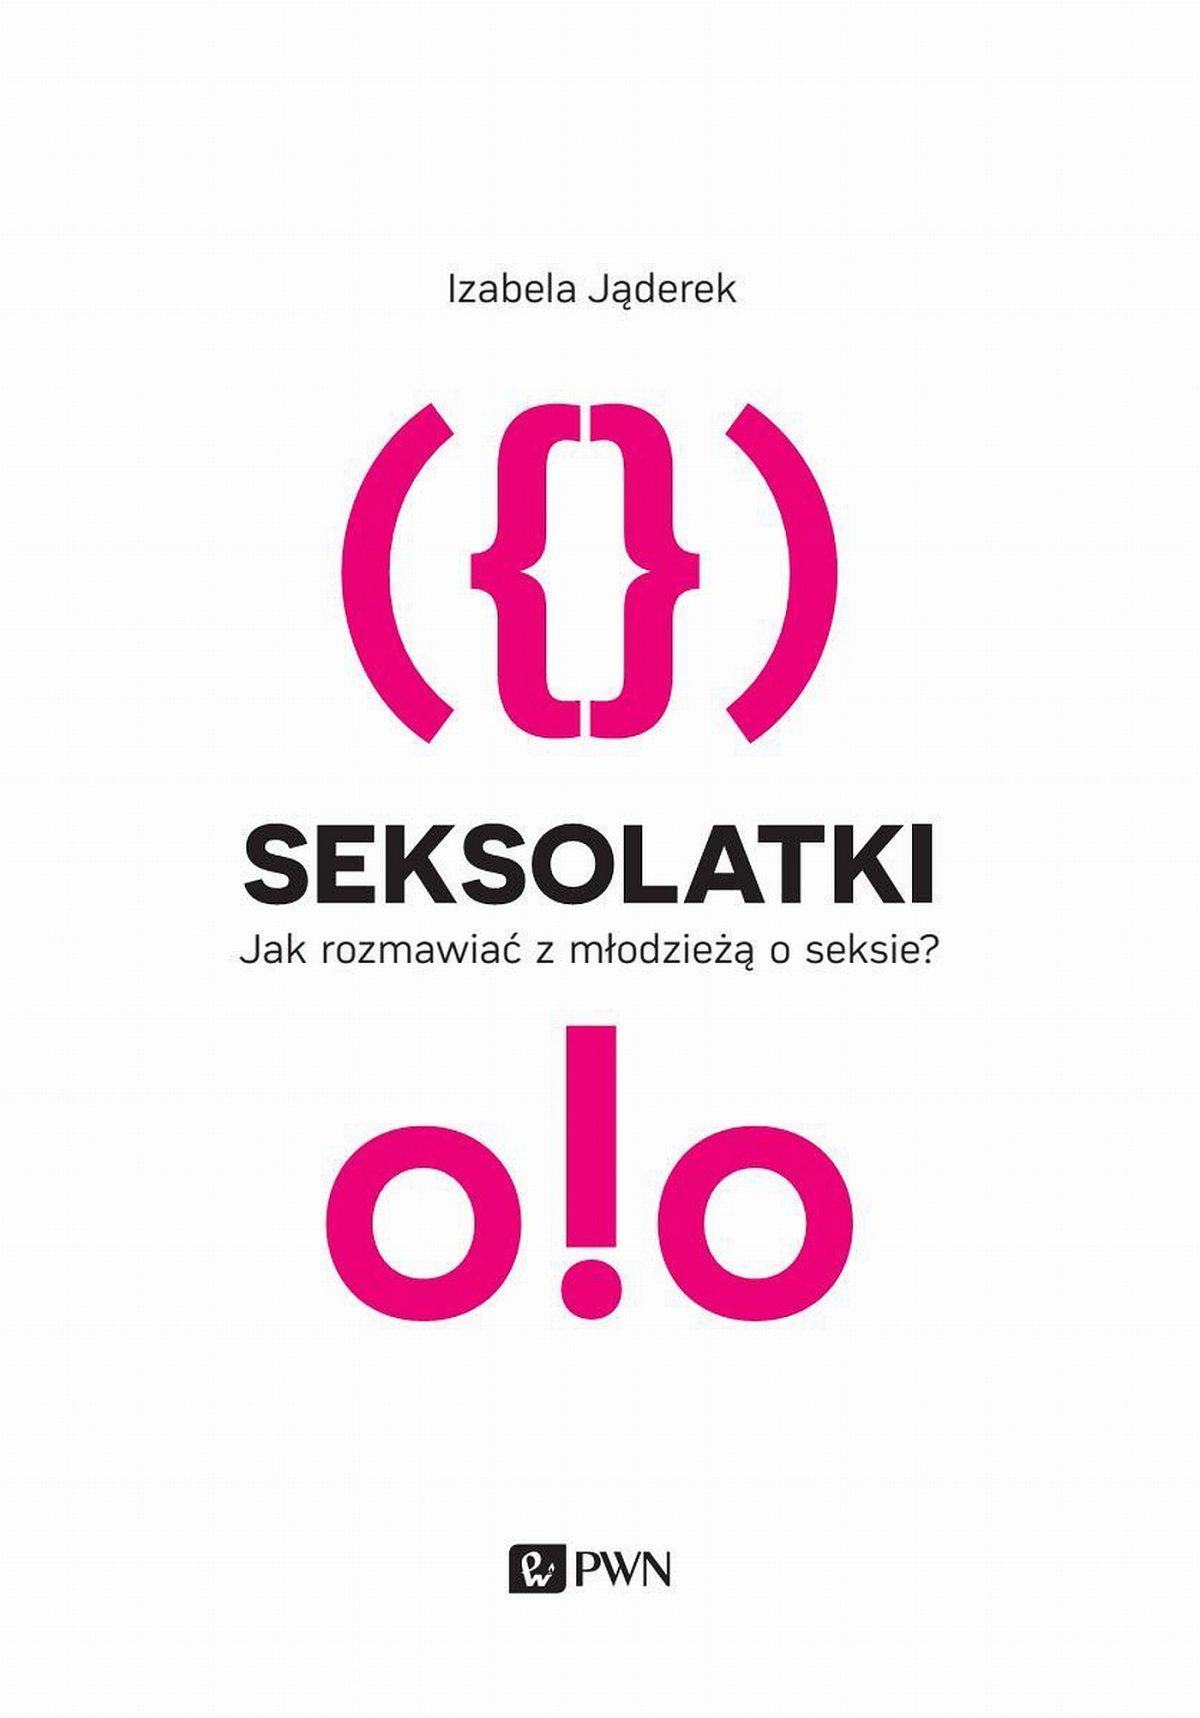 Seksolatki. Jak rozmawiać z młodzieżą o seksie? - Ebook (Książka EPUB) do pobrania w formacie EPUB